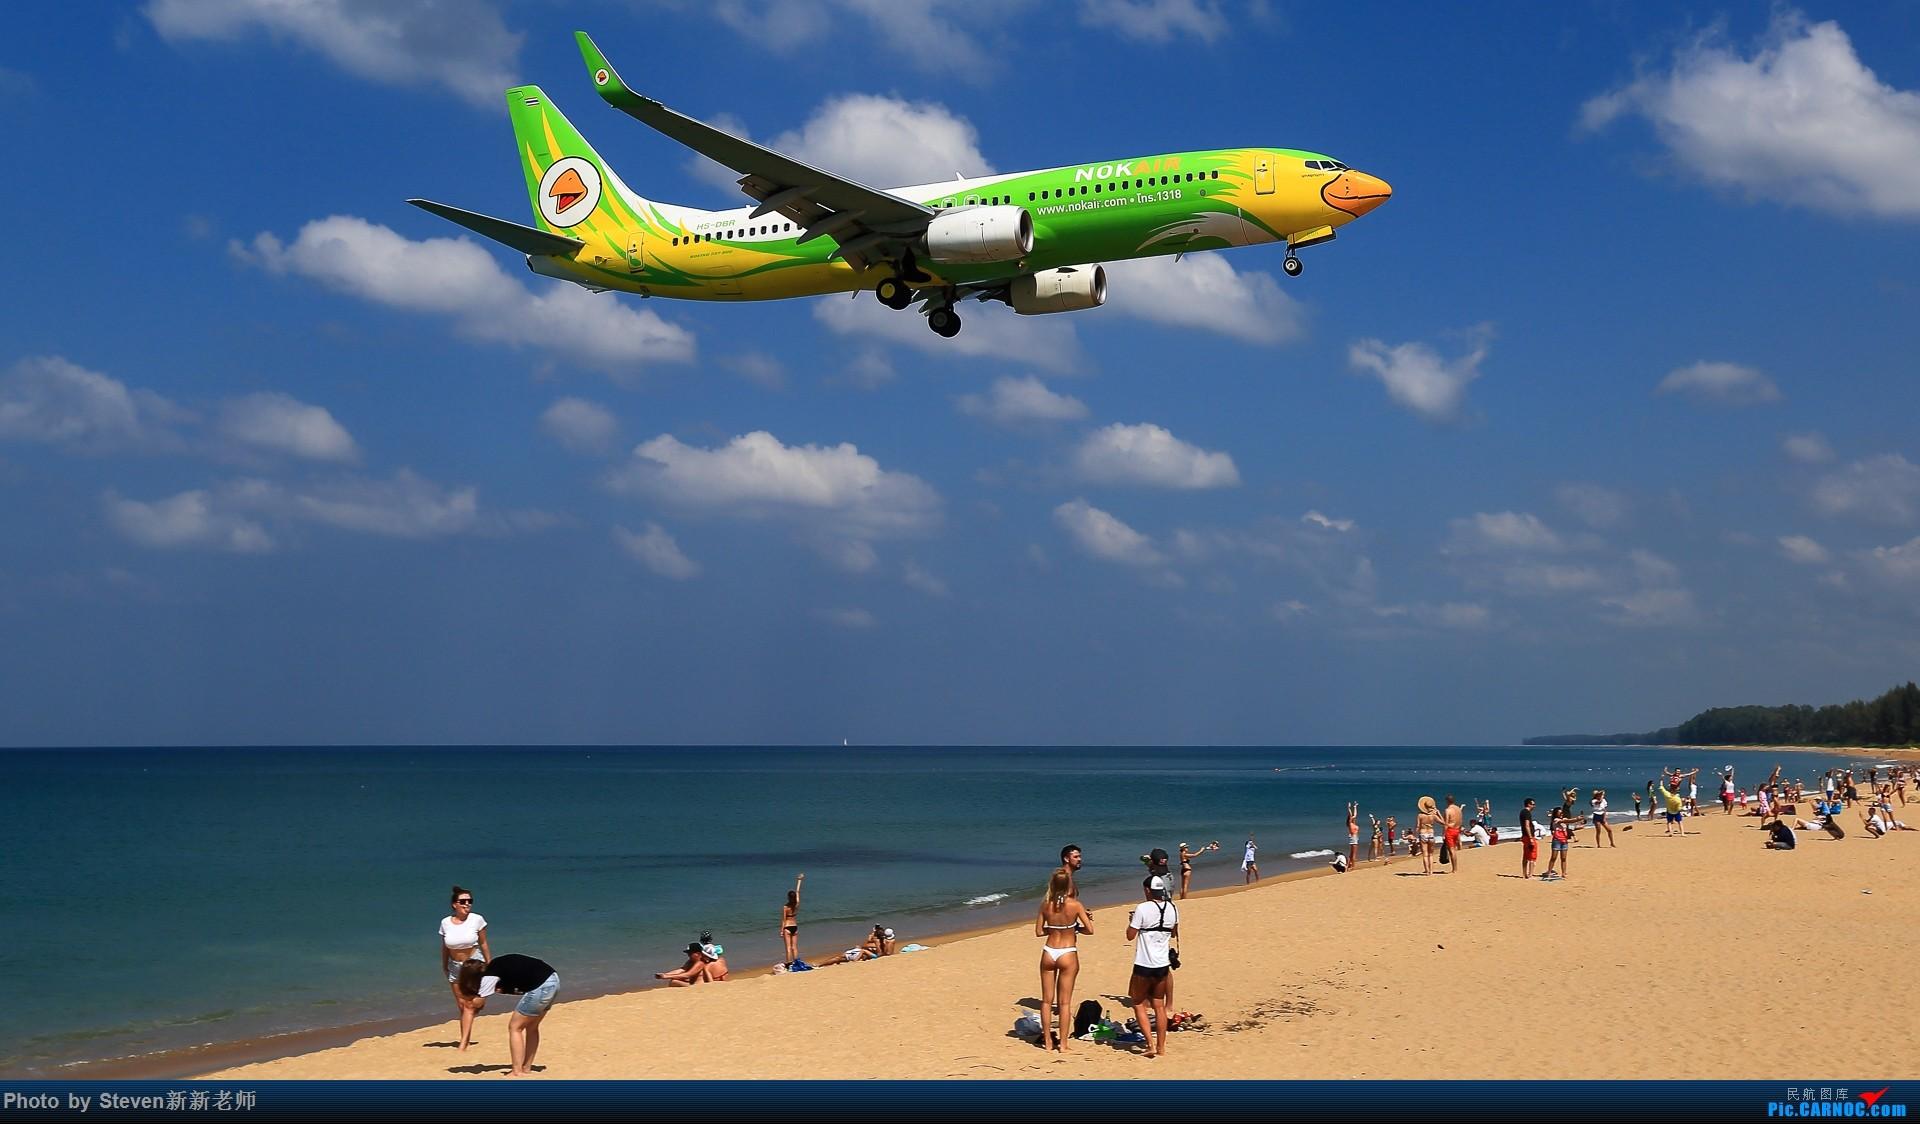 """Re:[原创]亚洲""""圣马丁岛""""—普吉国际机场拍机 BOEING 737-800 HS-DBR 泰国普吉机场"""